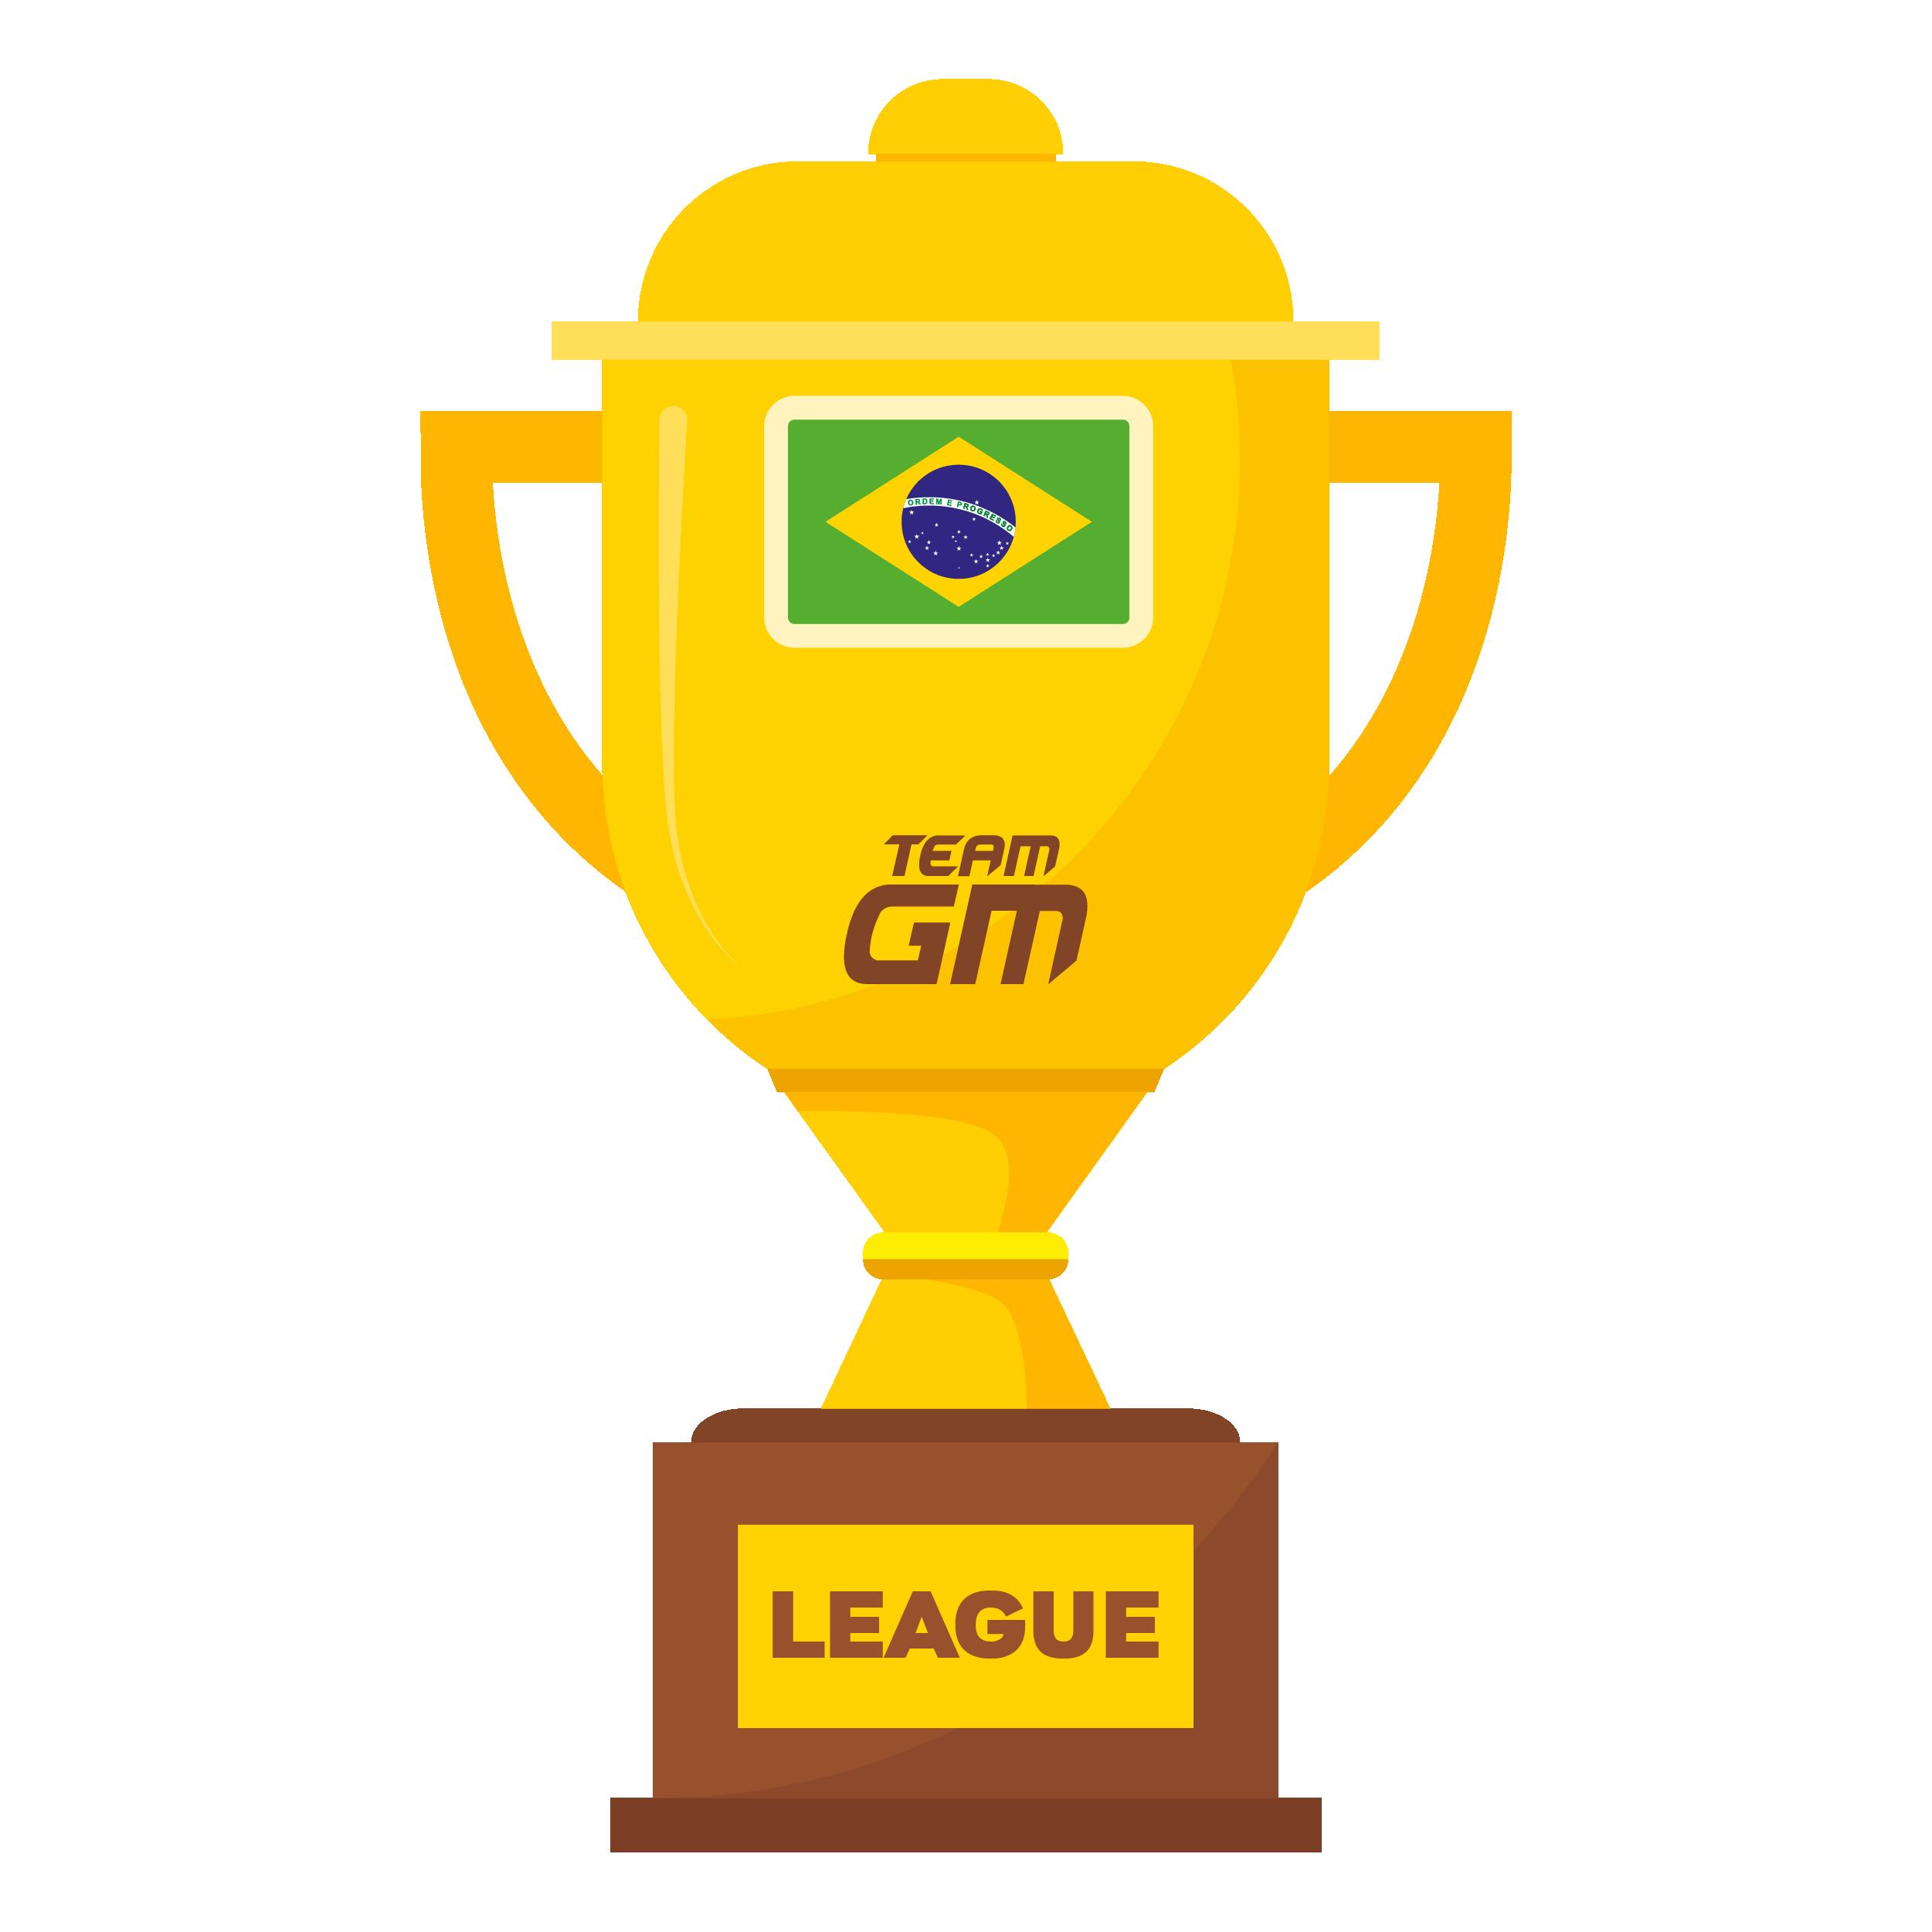 11TH - BRAZILIAN SUPER LEAGUE